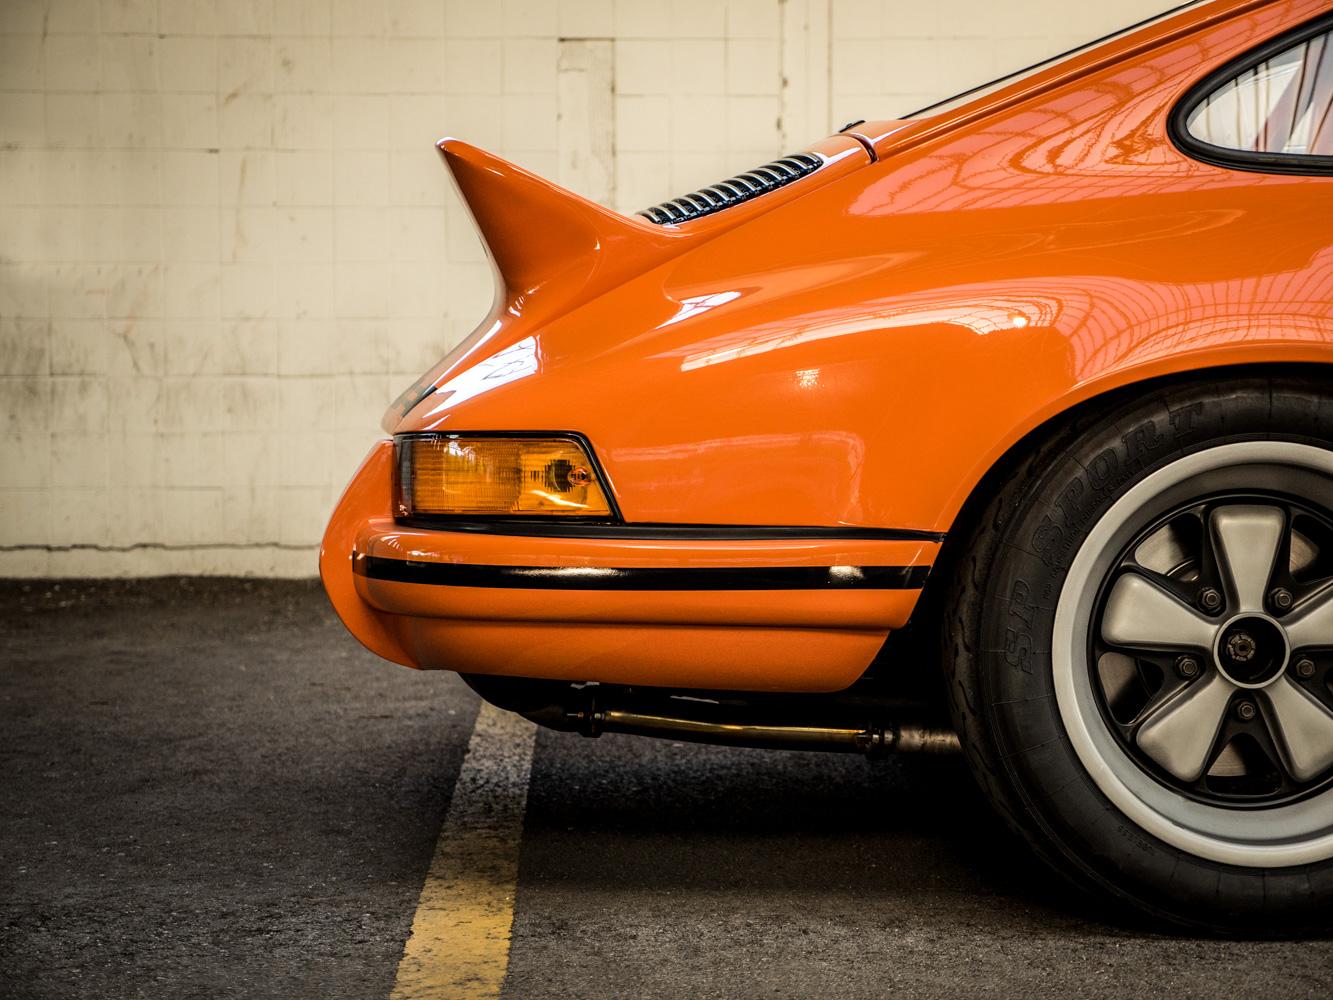 1969 Porsche 911 Carrera - 04.jpg.jpg